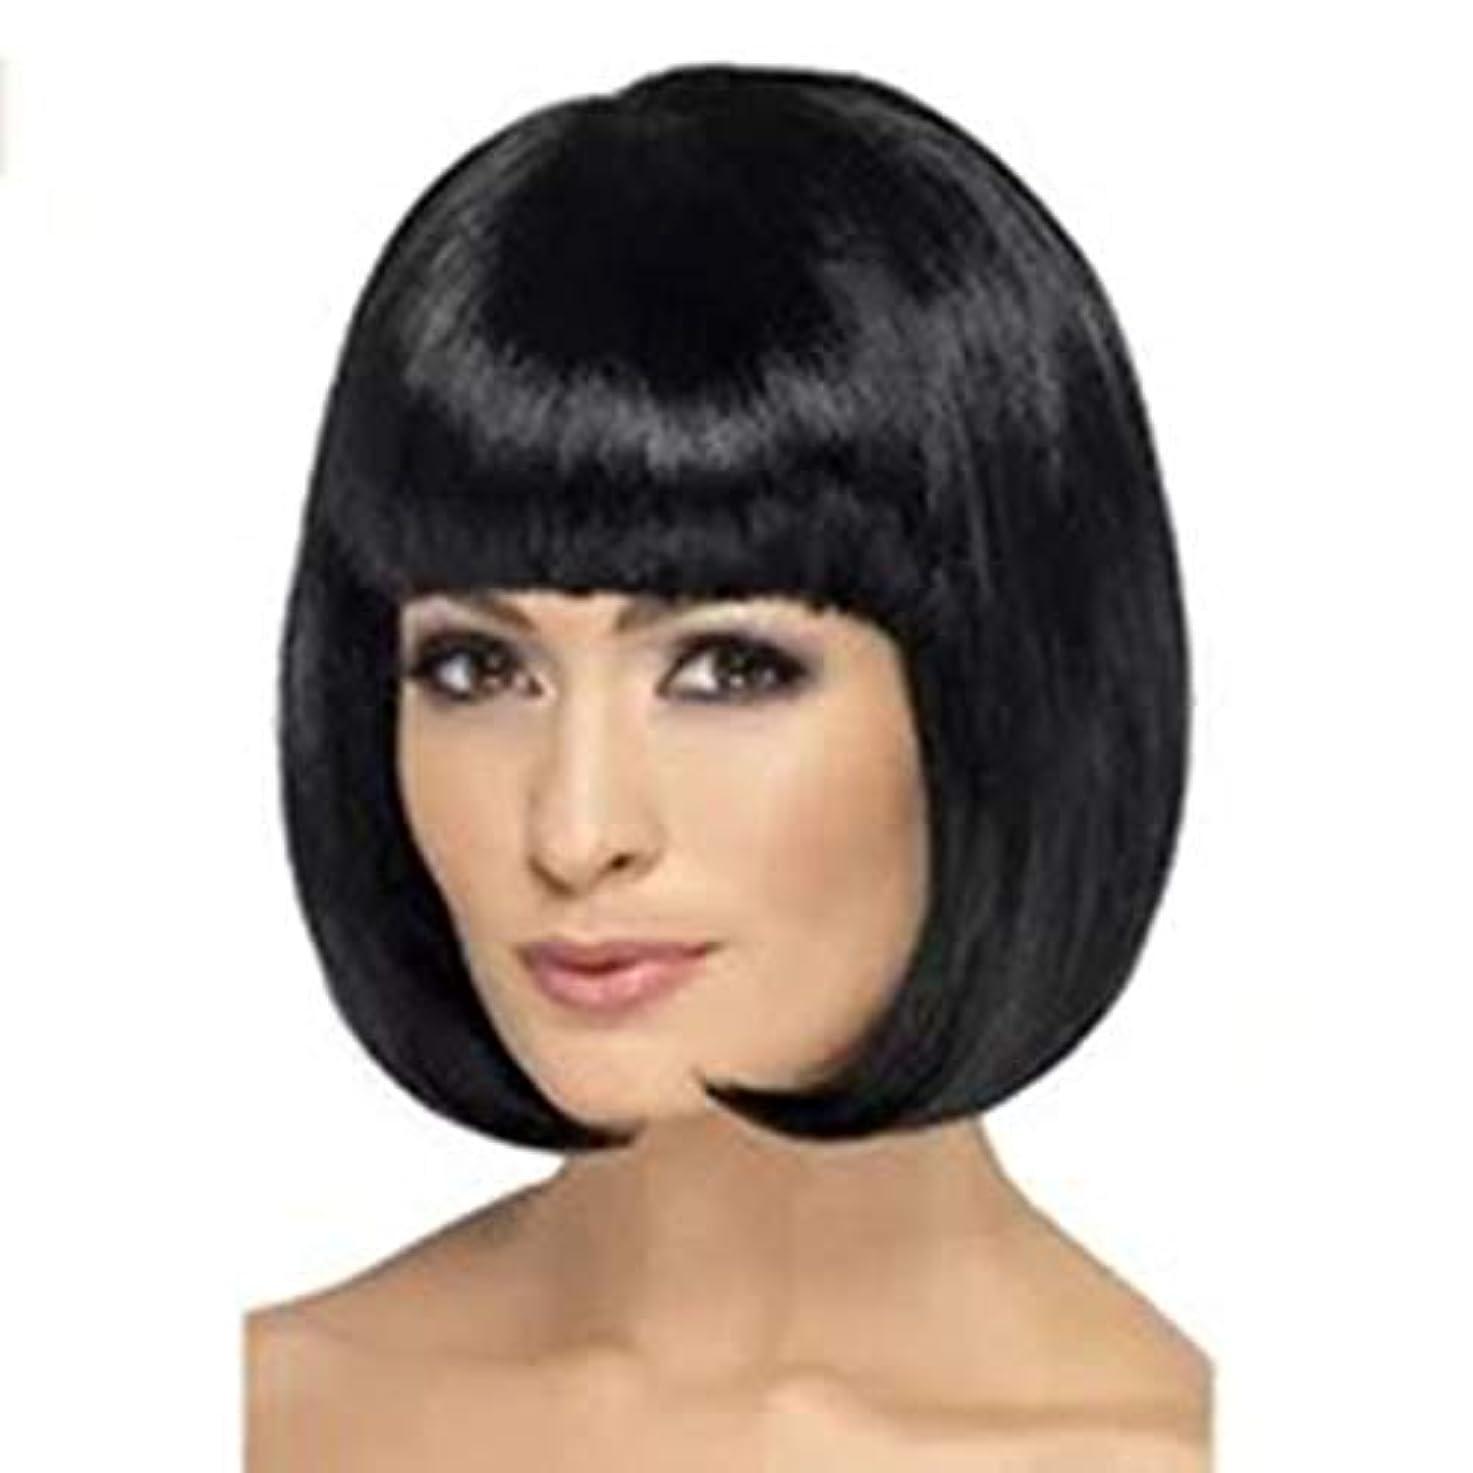 一銀行使役Kerwinner ボブかつら女性のための平らな前髪ふわふわ自然耐熱交換かつら完全な合成かつら